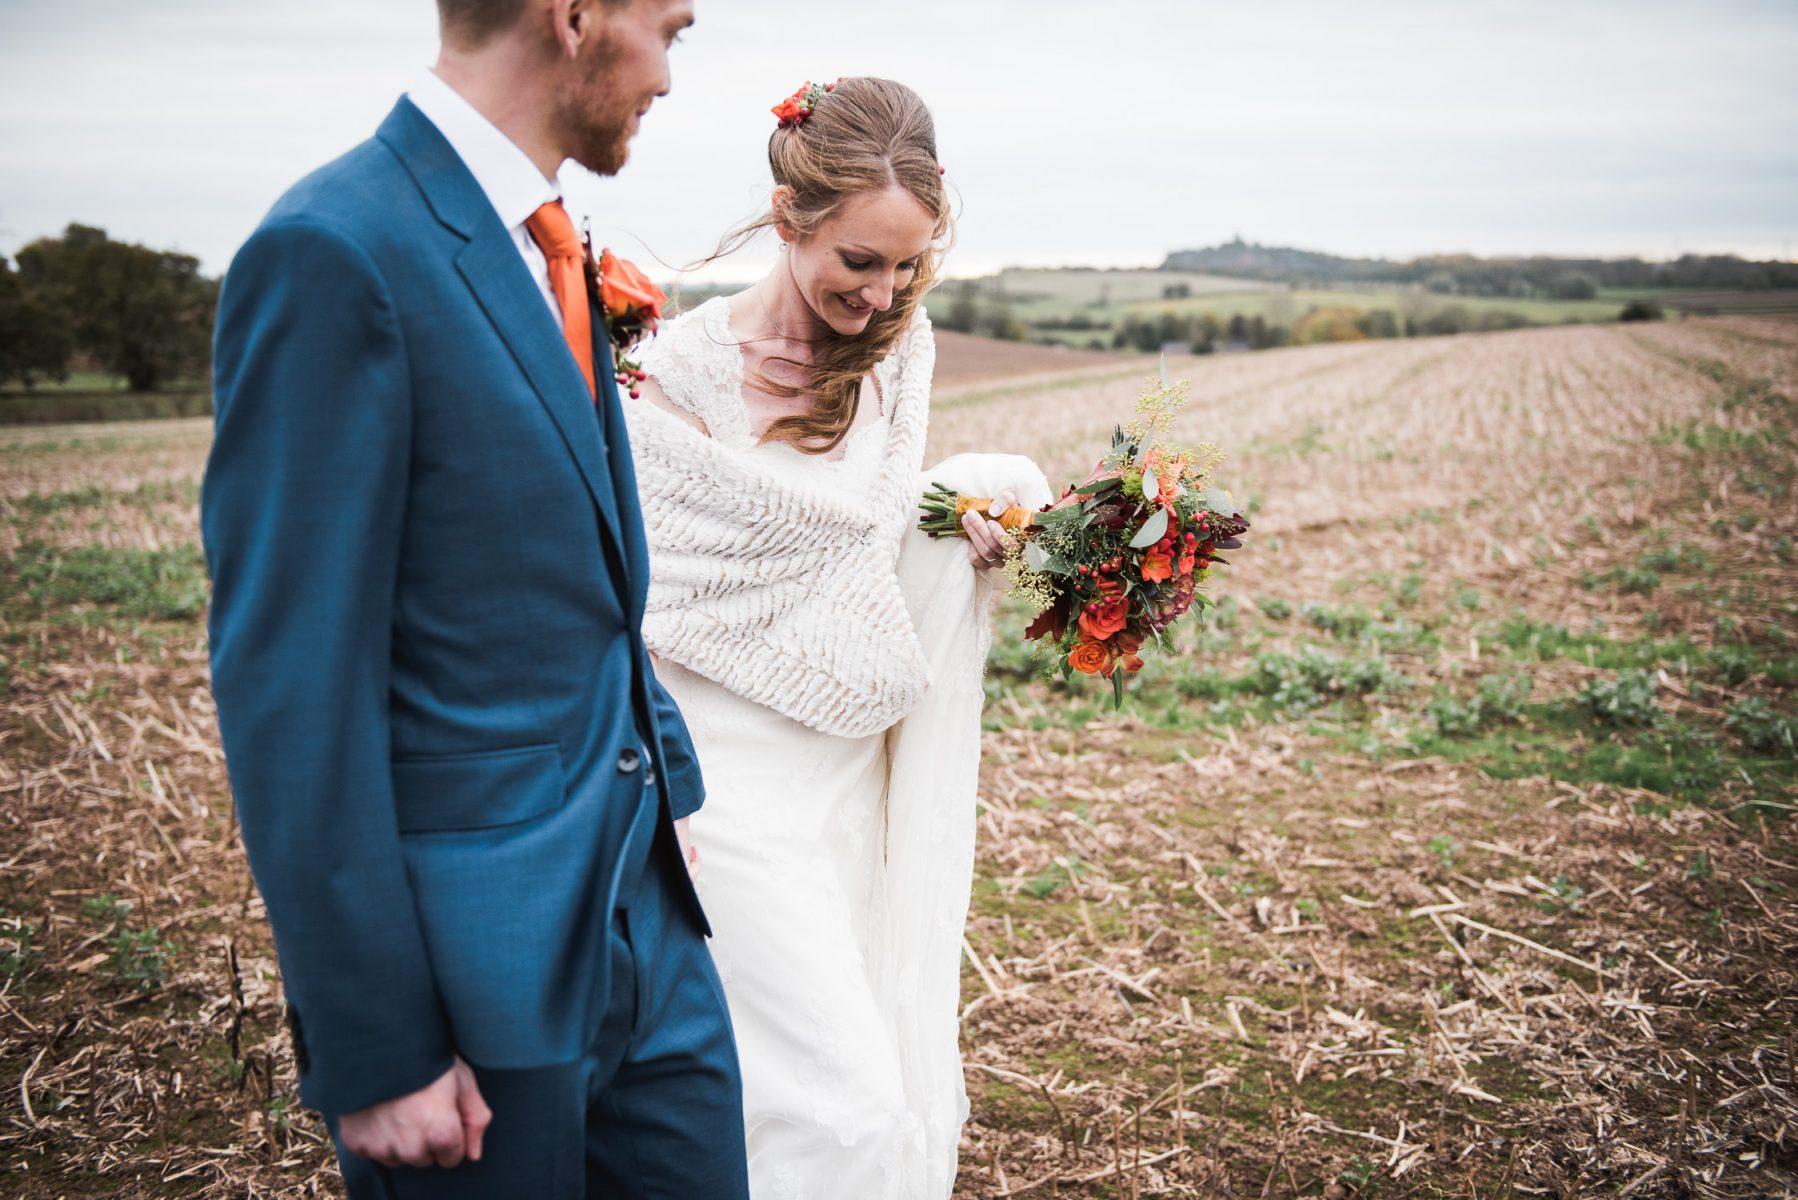 Twig-and-Vine-wedding-Photography-272